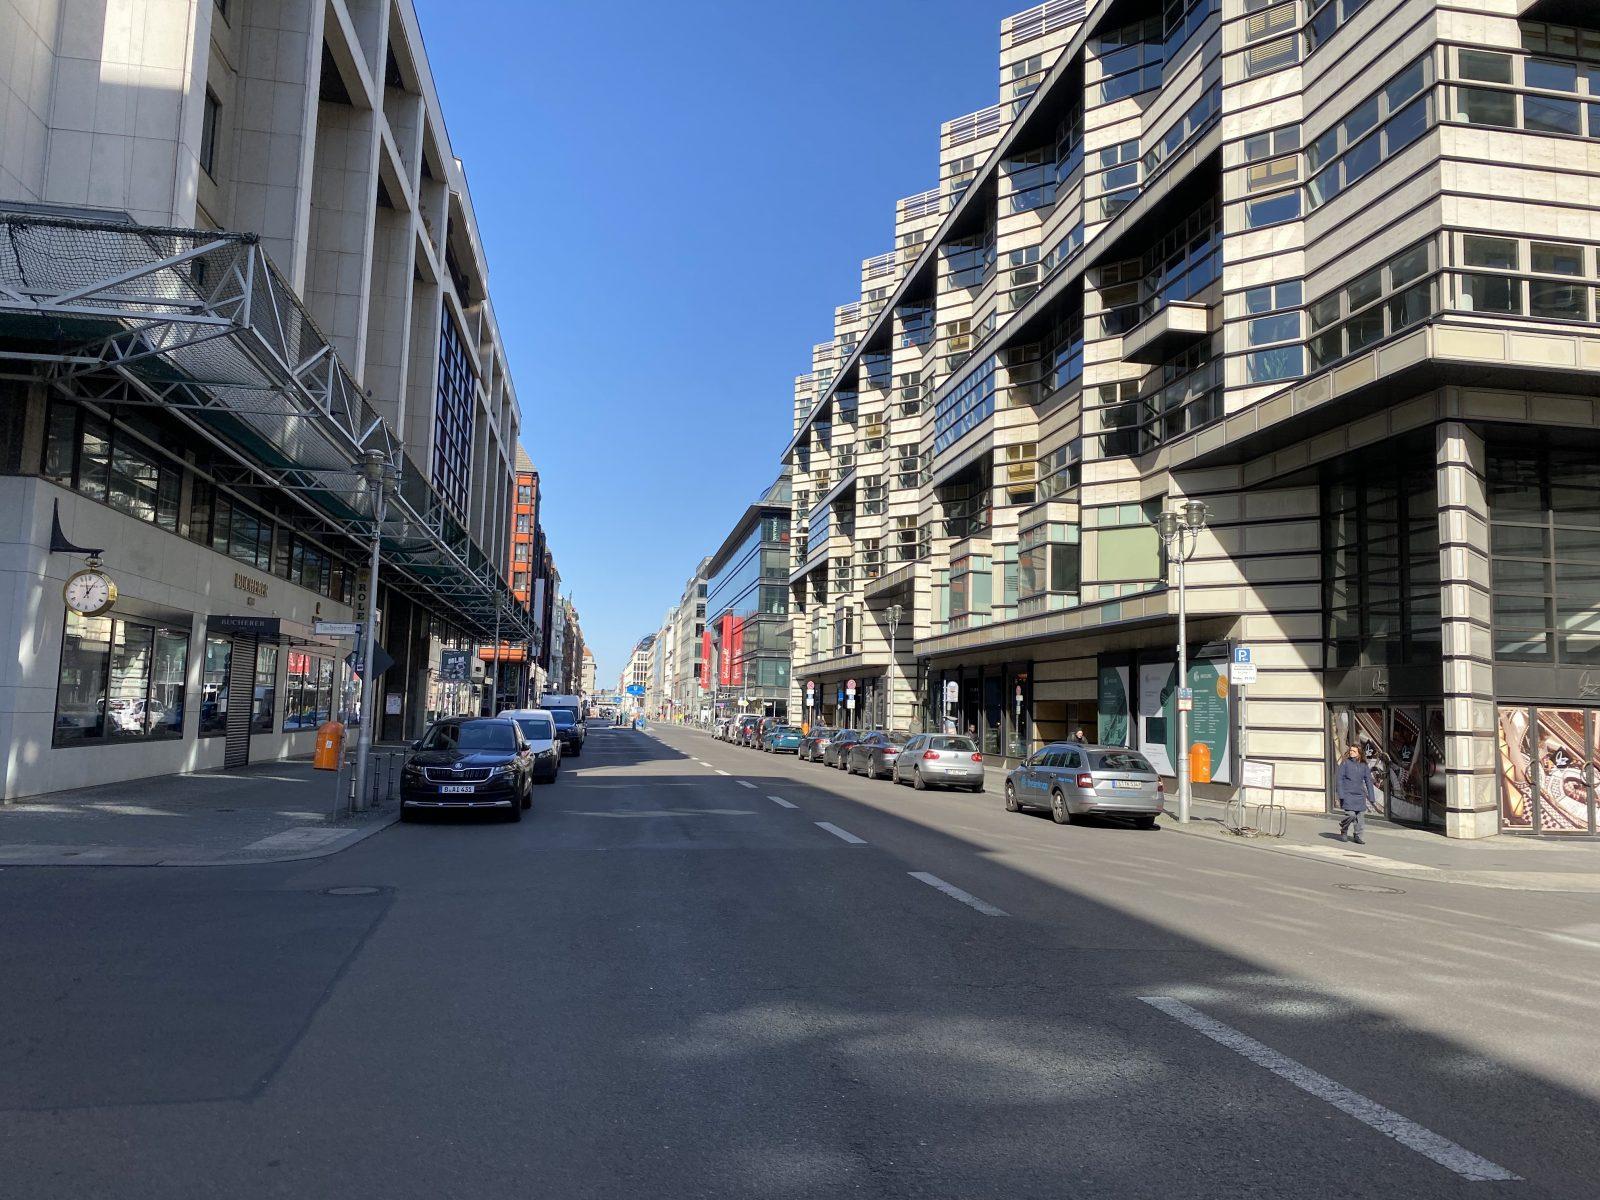 Corona-Spaziergang Mitte: Die Friedrichstraße ist in großen Teilen verwaist,